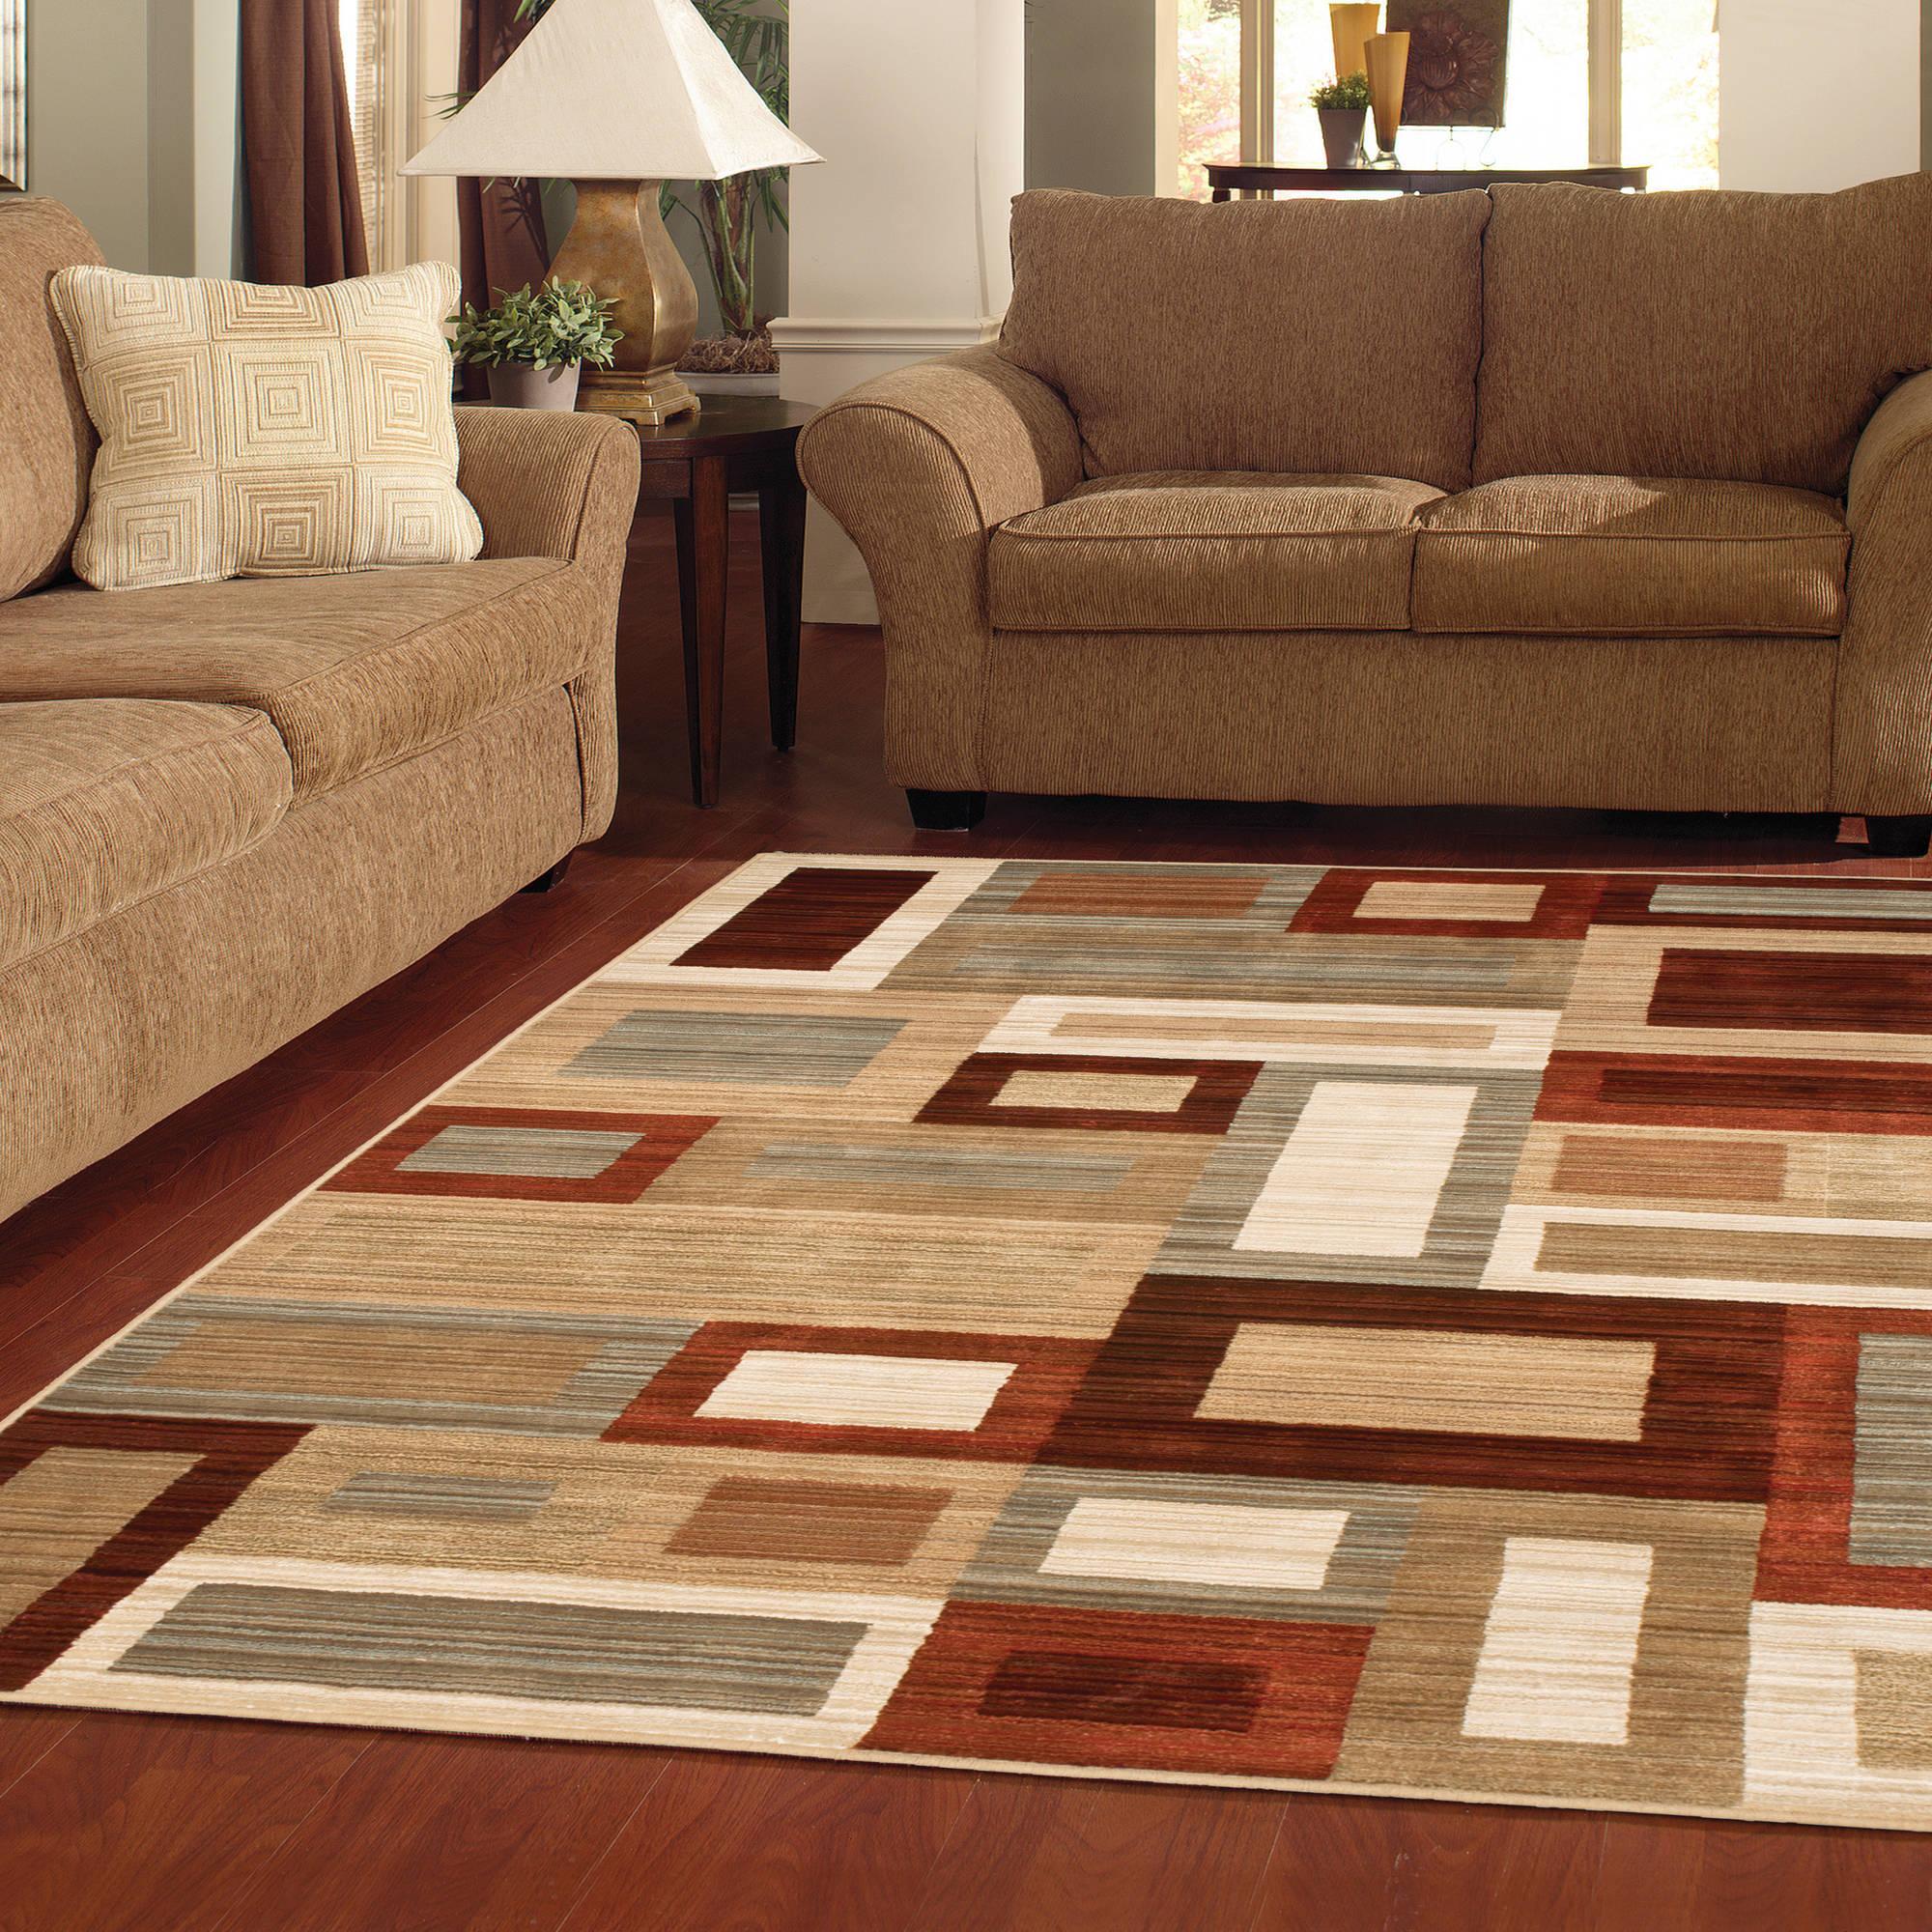 home and garden living room ideas. free living room design ideas